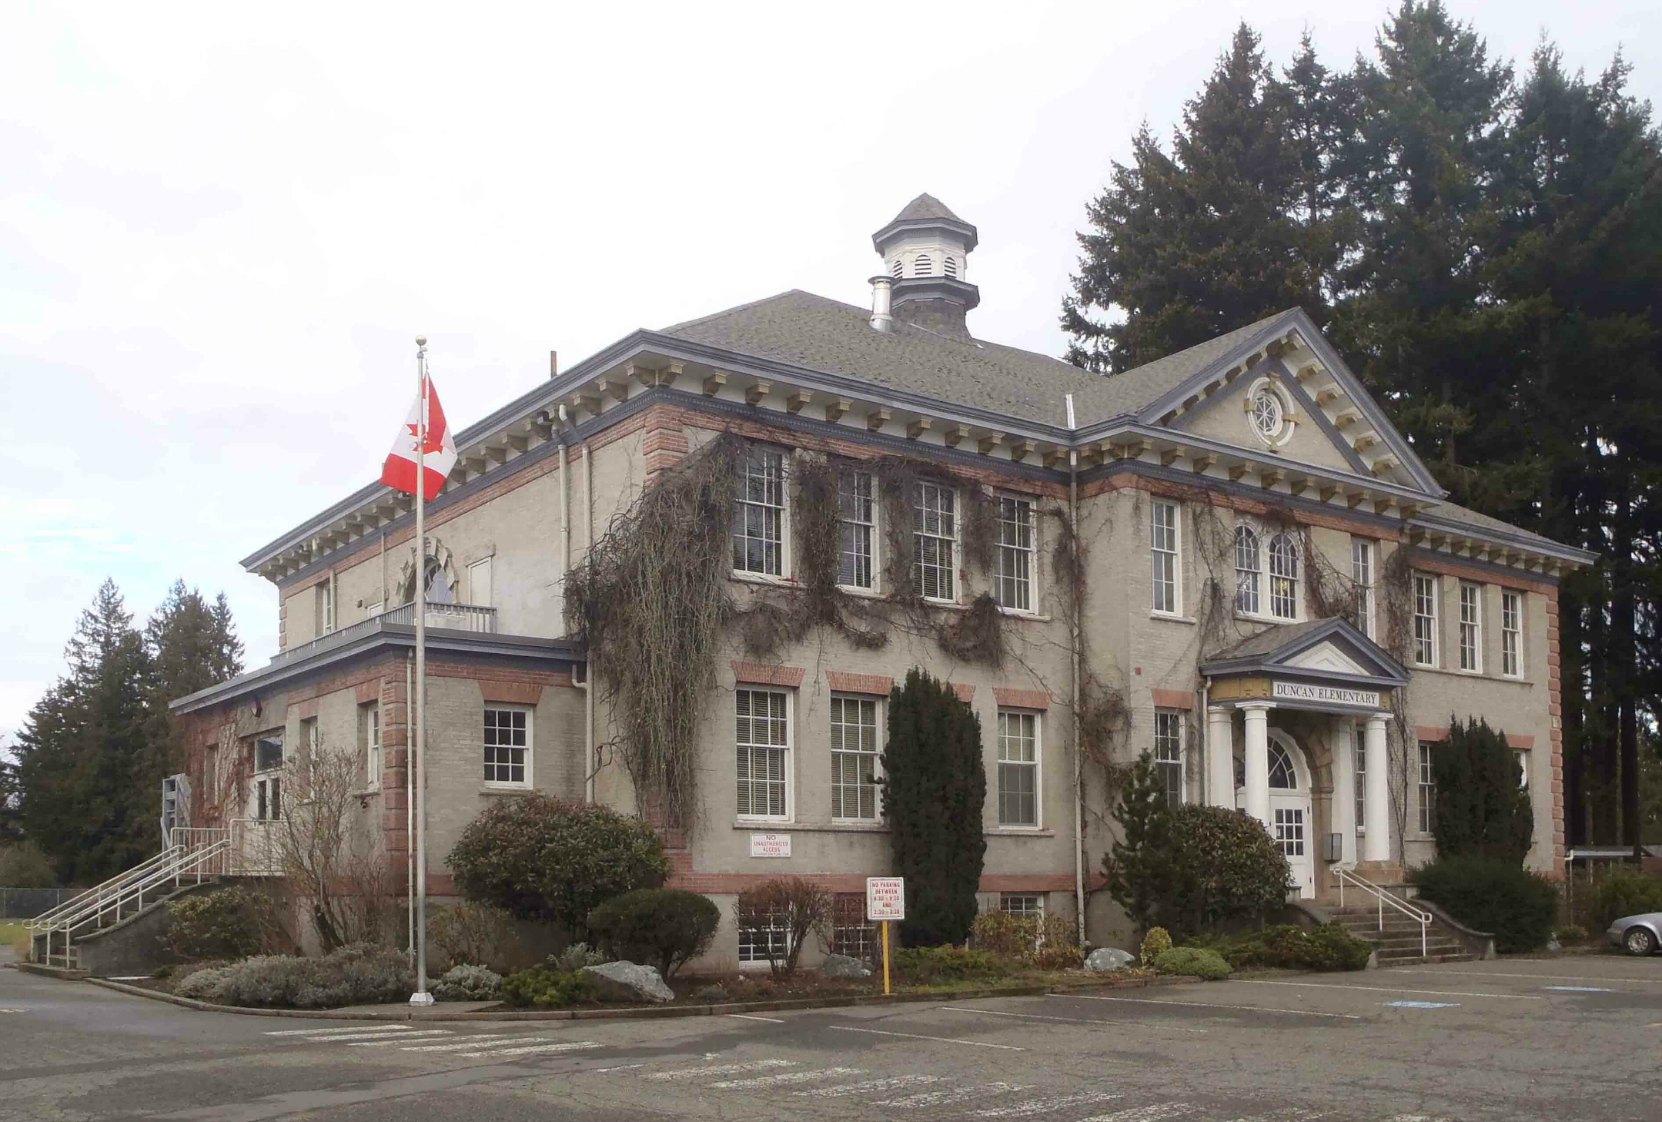 Duncan Elementary School, built in 1913